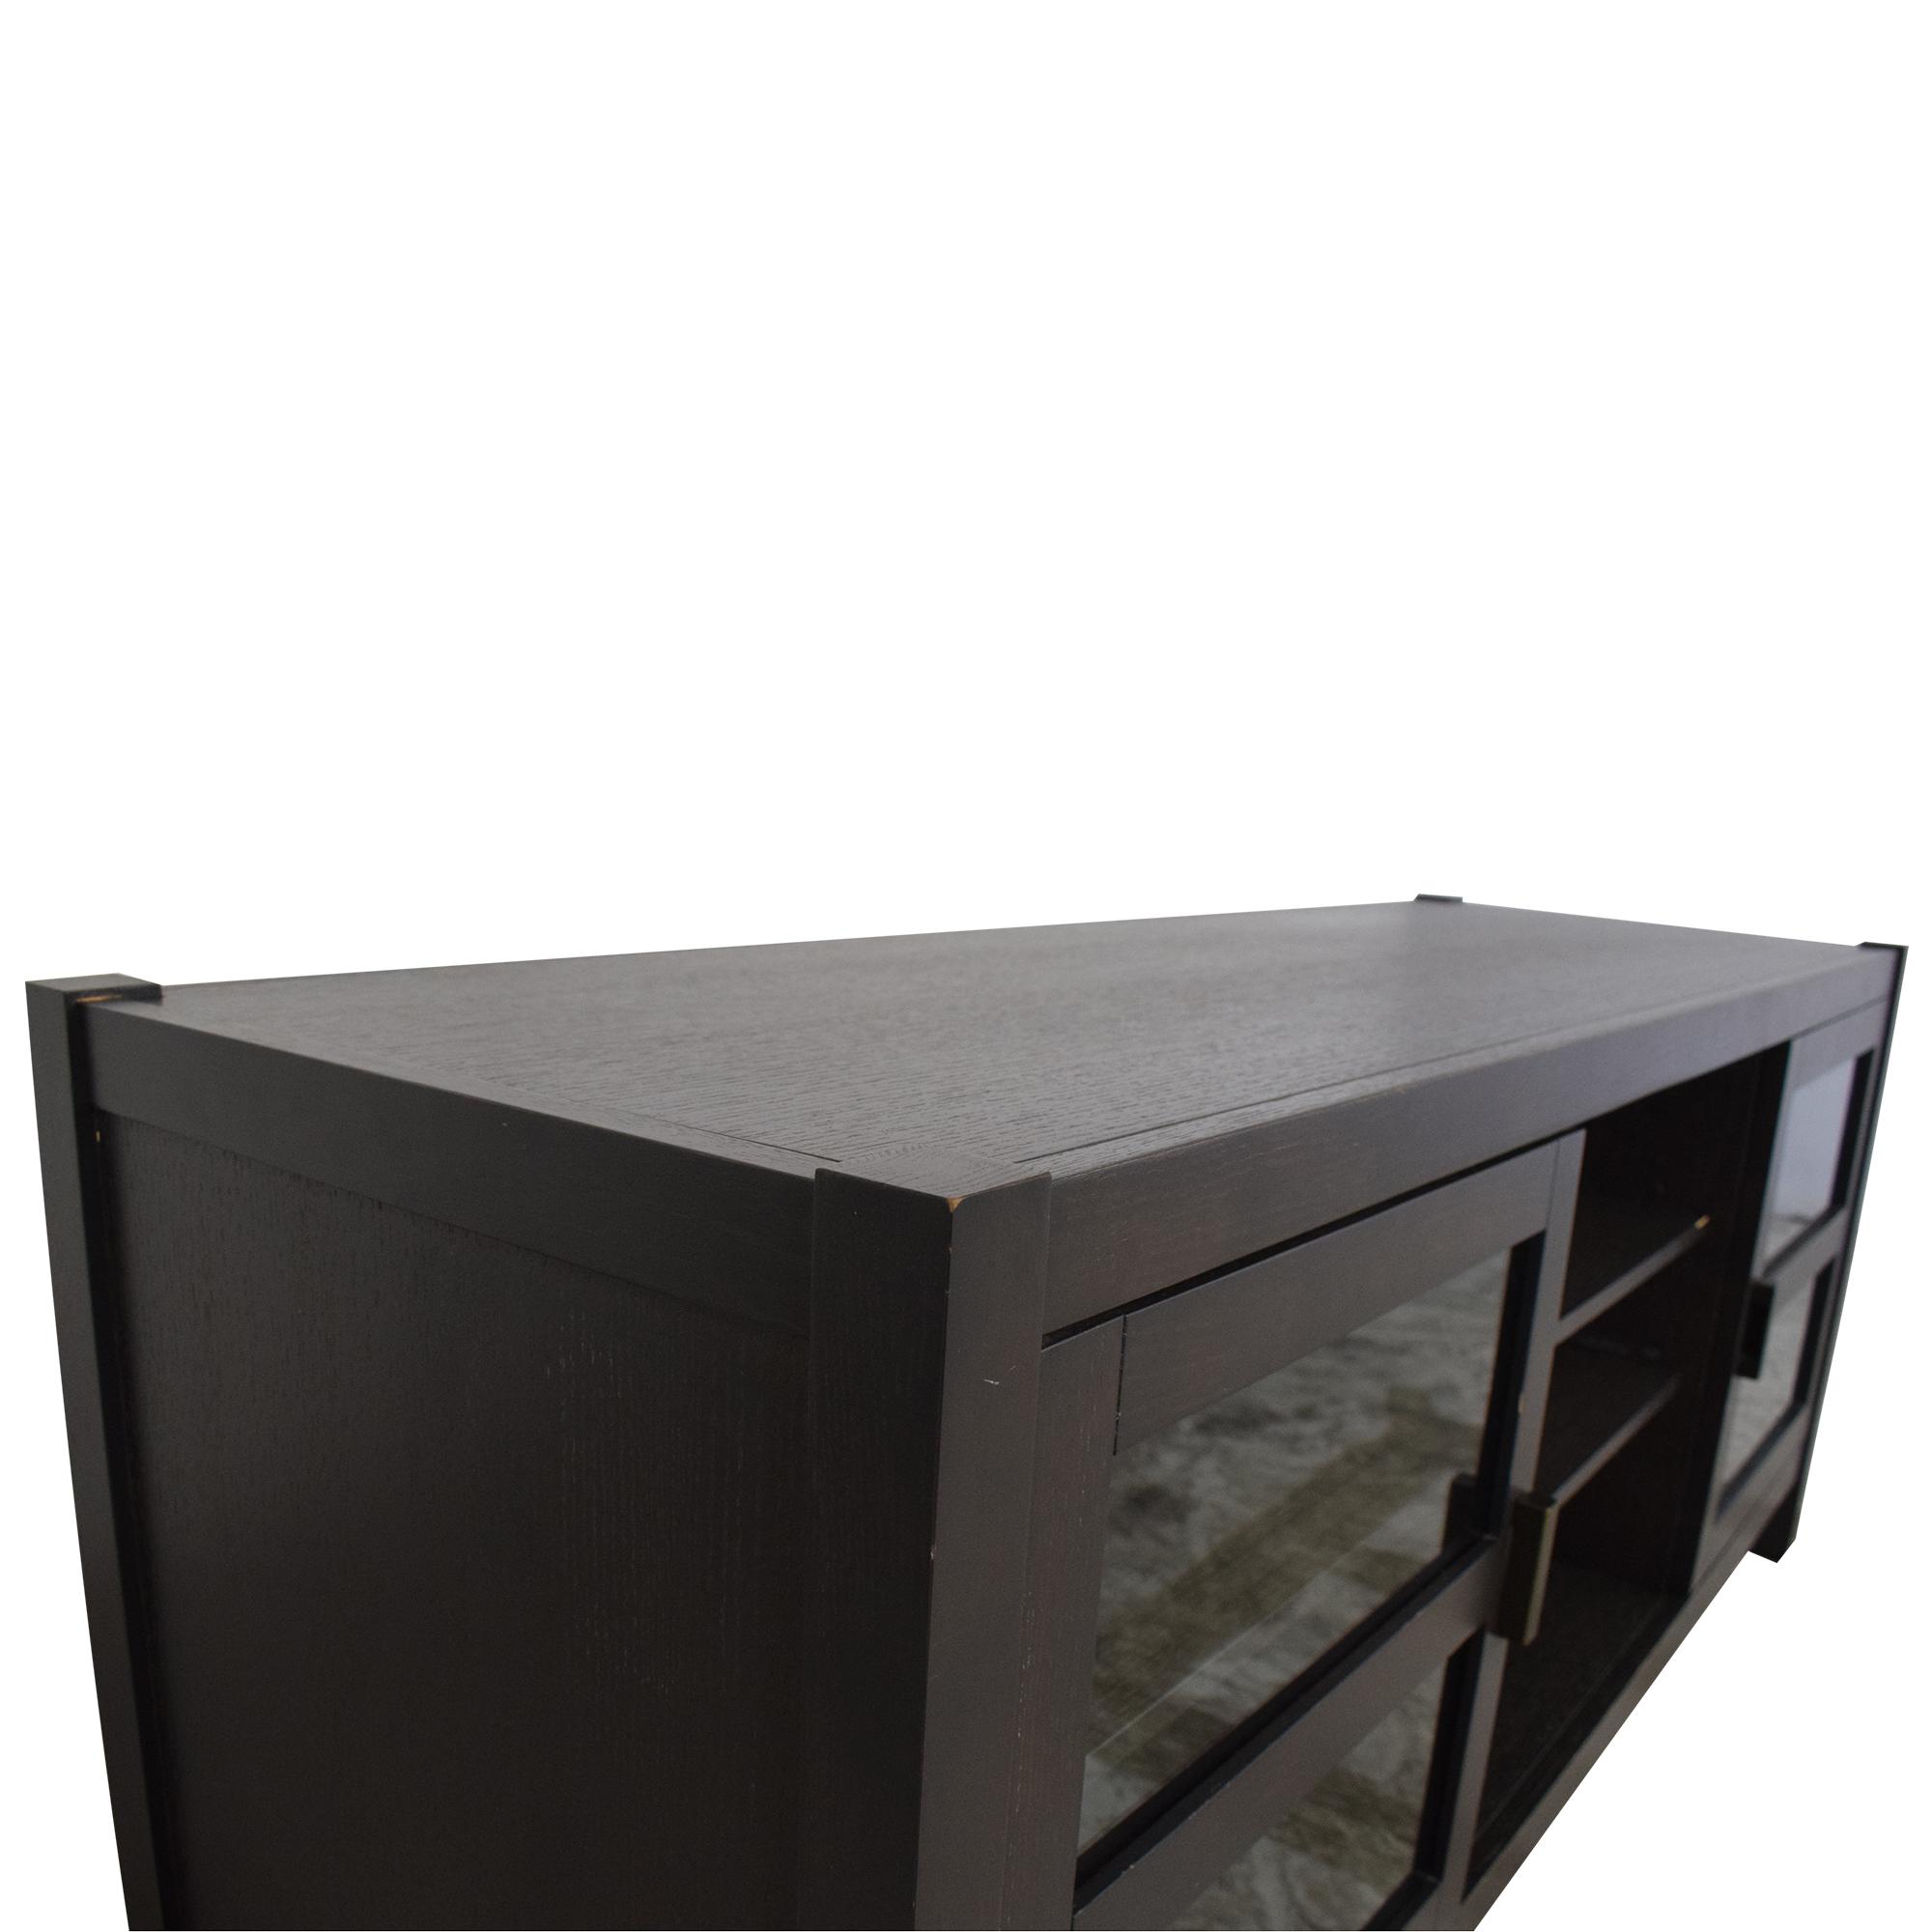 Crate & Barrel Crate & Barrel Modern Media Console discount